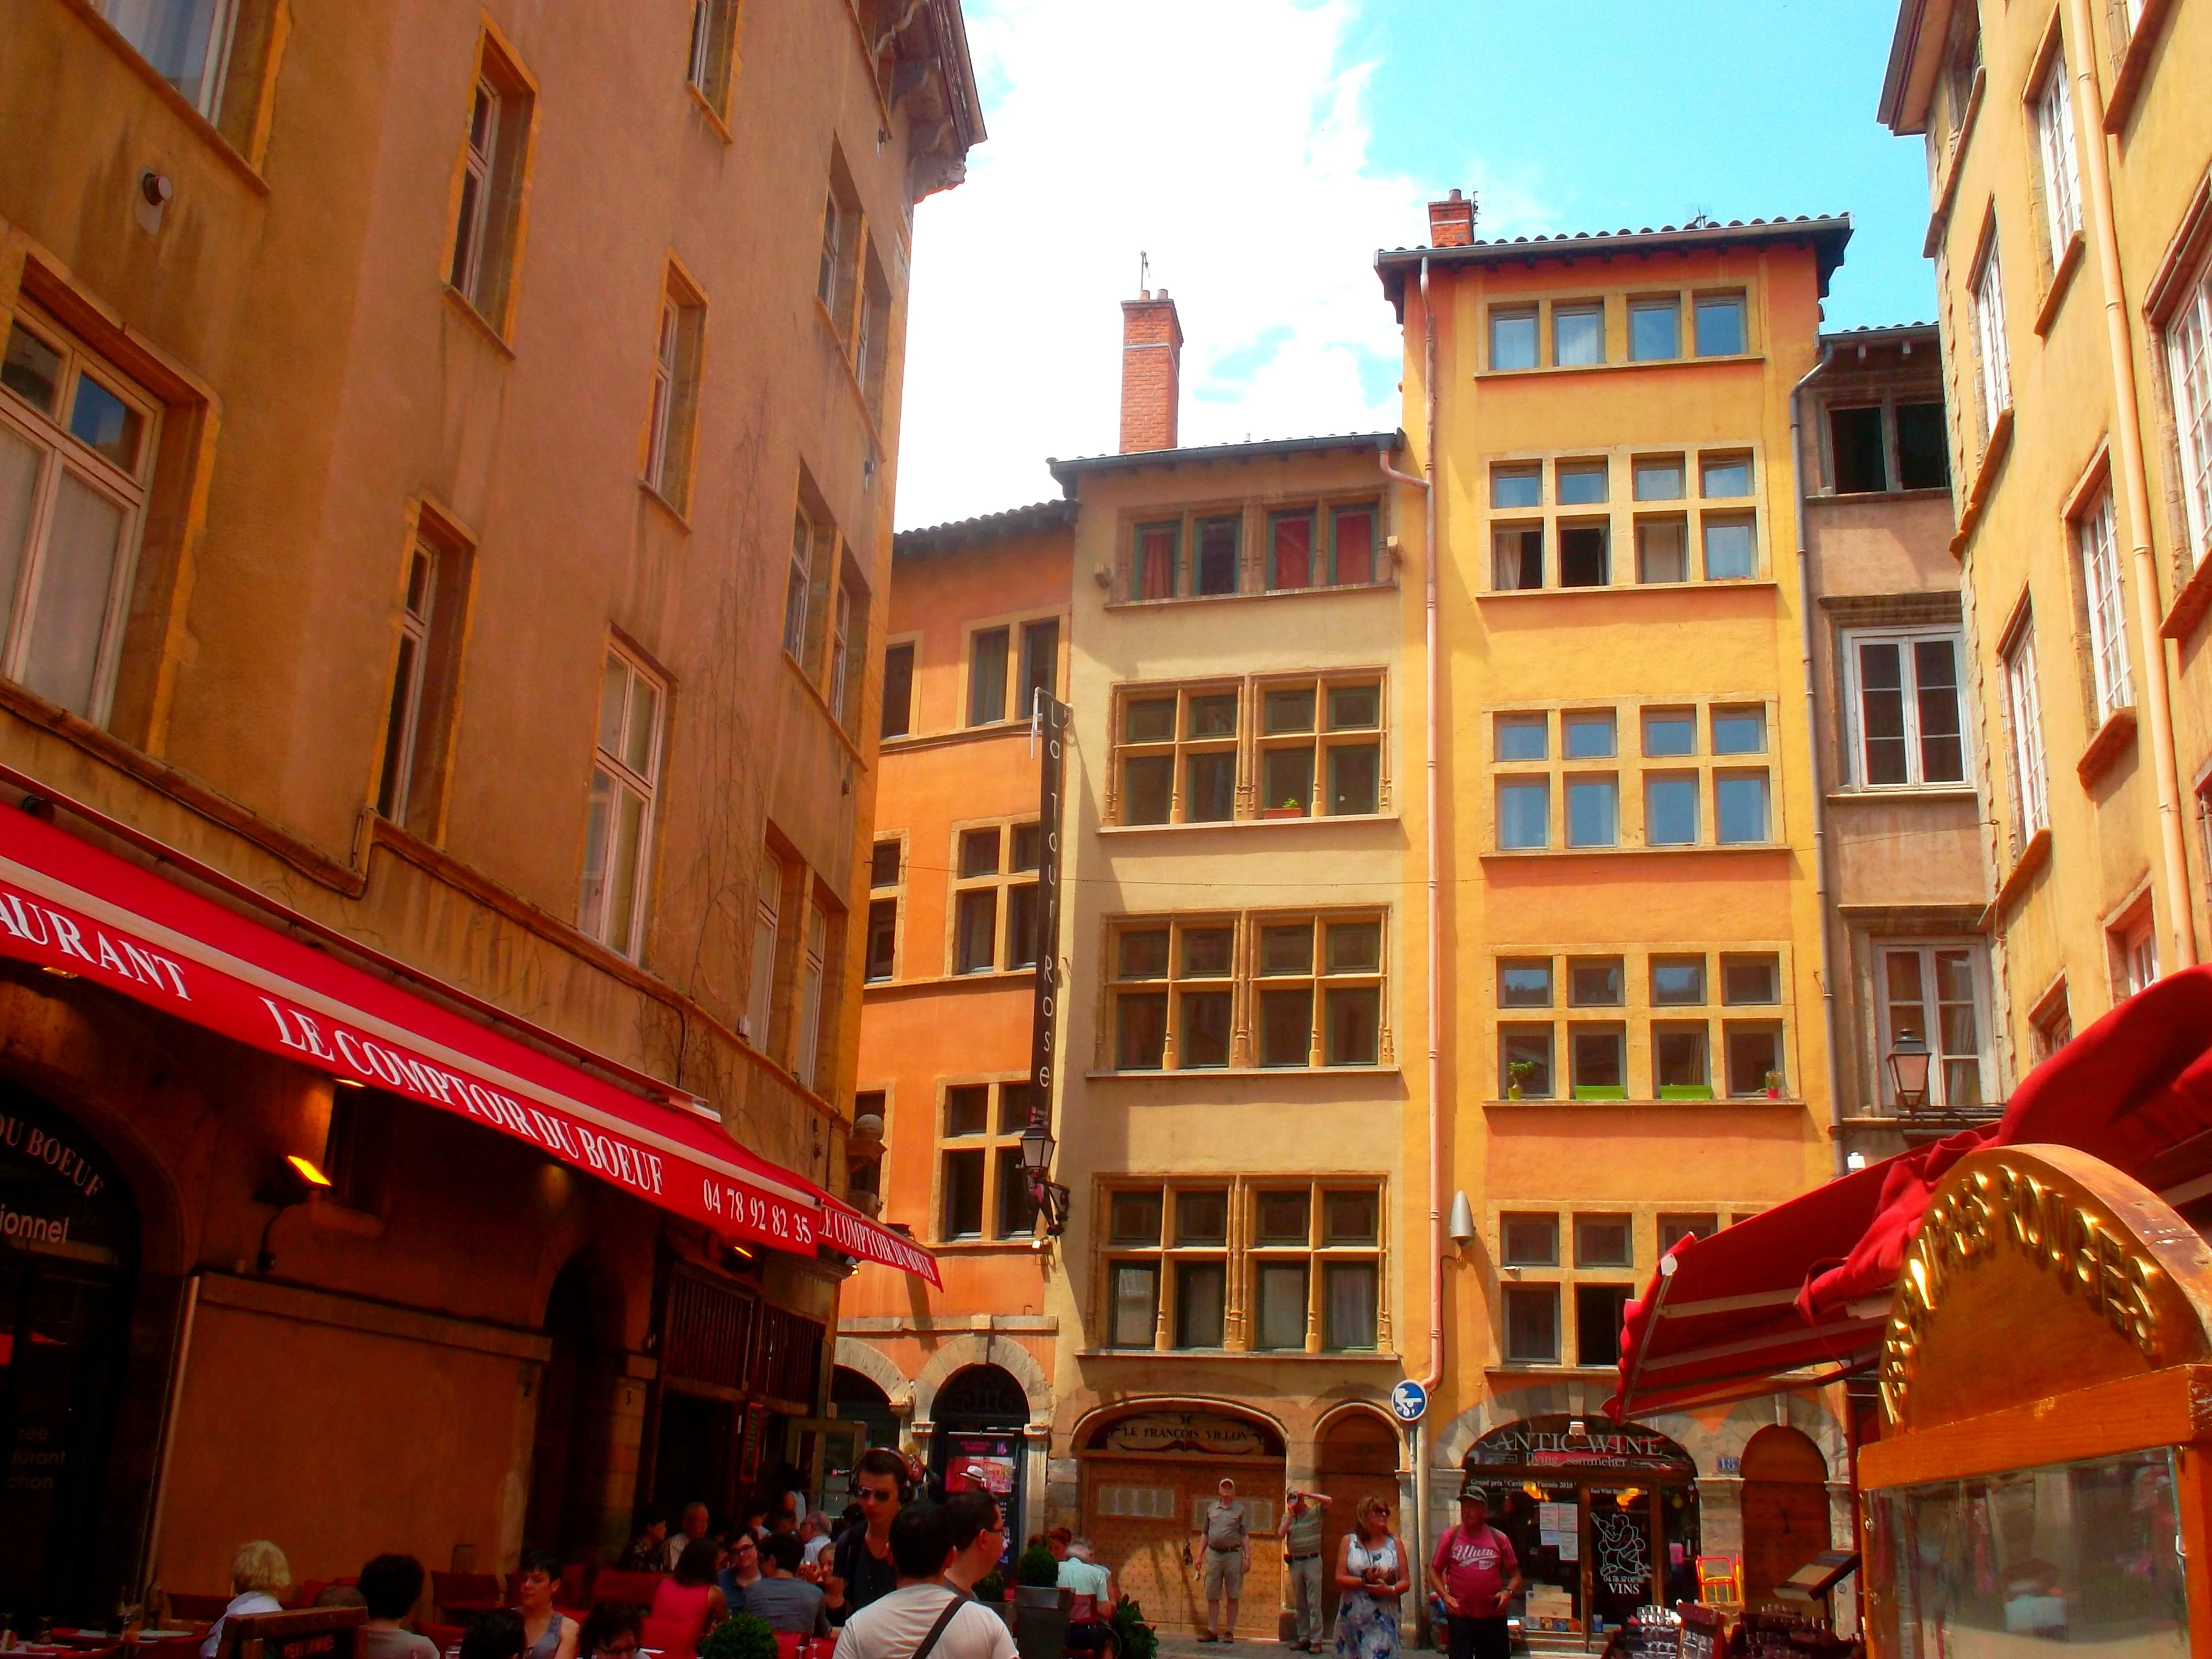 Vieux Lyon - typische Ansicht der weitläufigen Altstadt, Reiseblog www.exploreglobal.wordpress.com